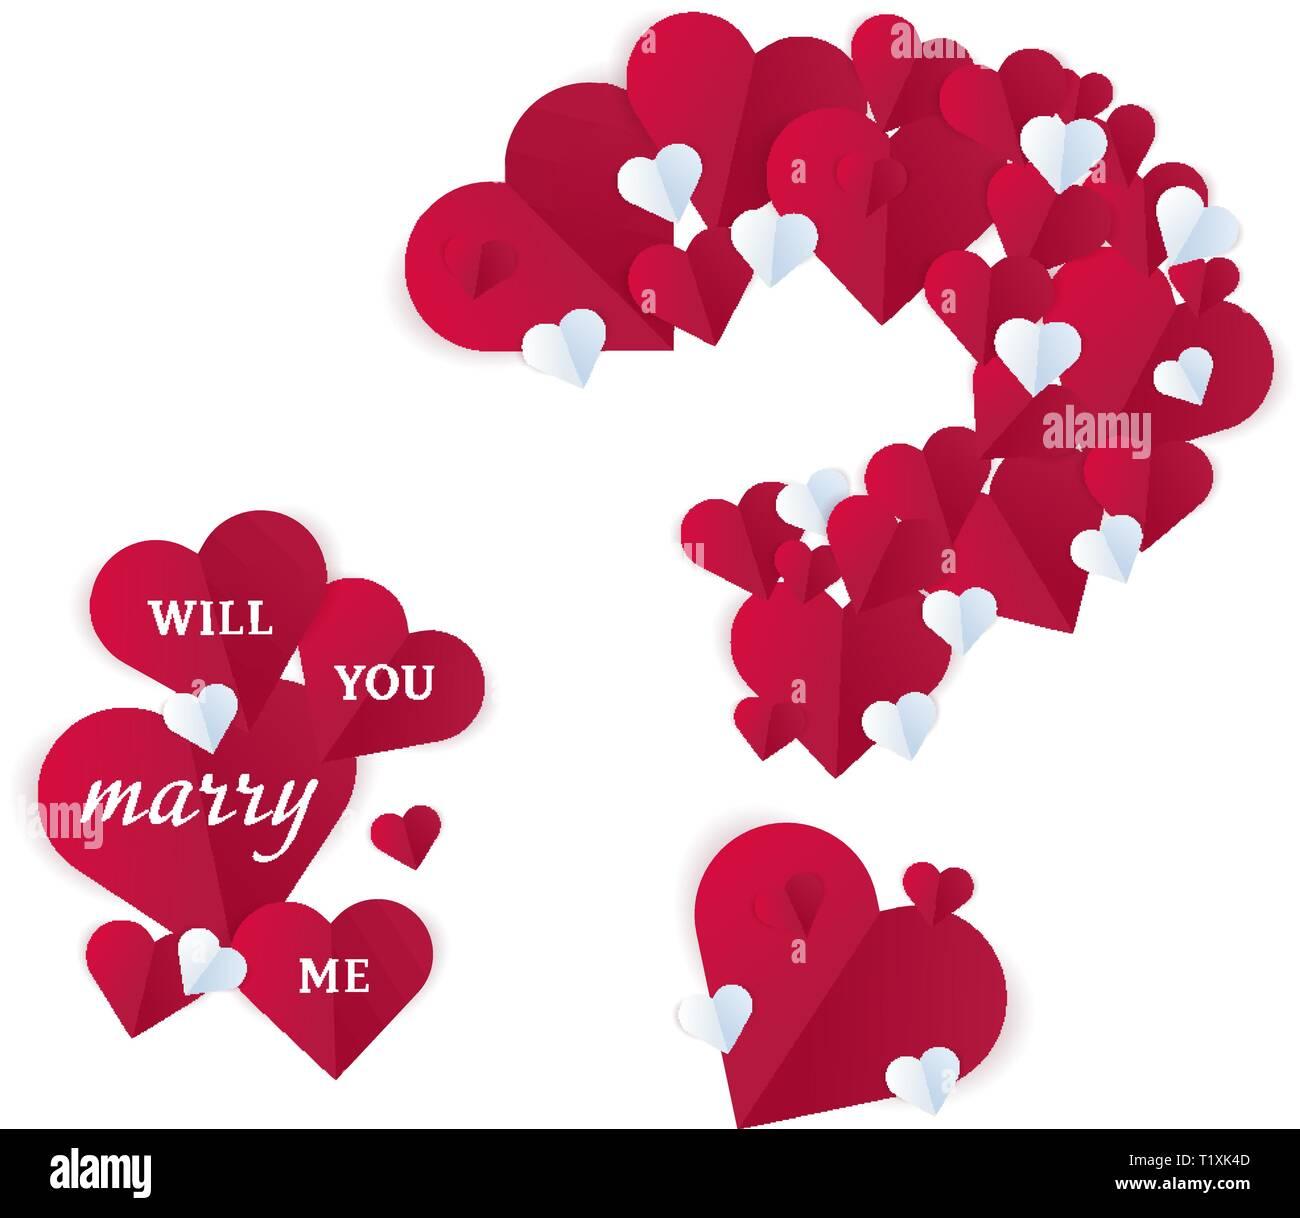 Valentinstag Herz Aus Papier Fragezeichen Romantische Willyou Mich